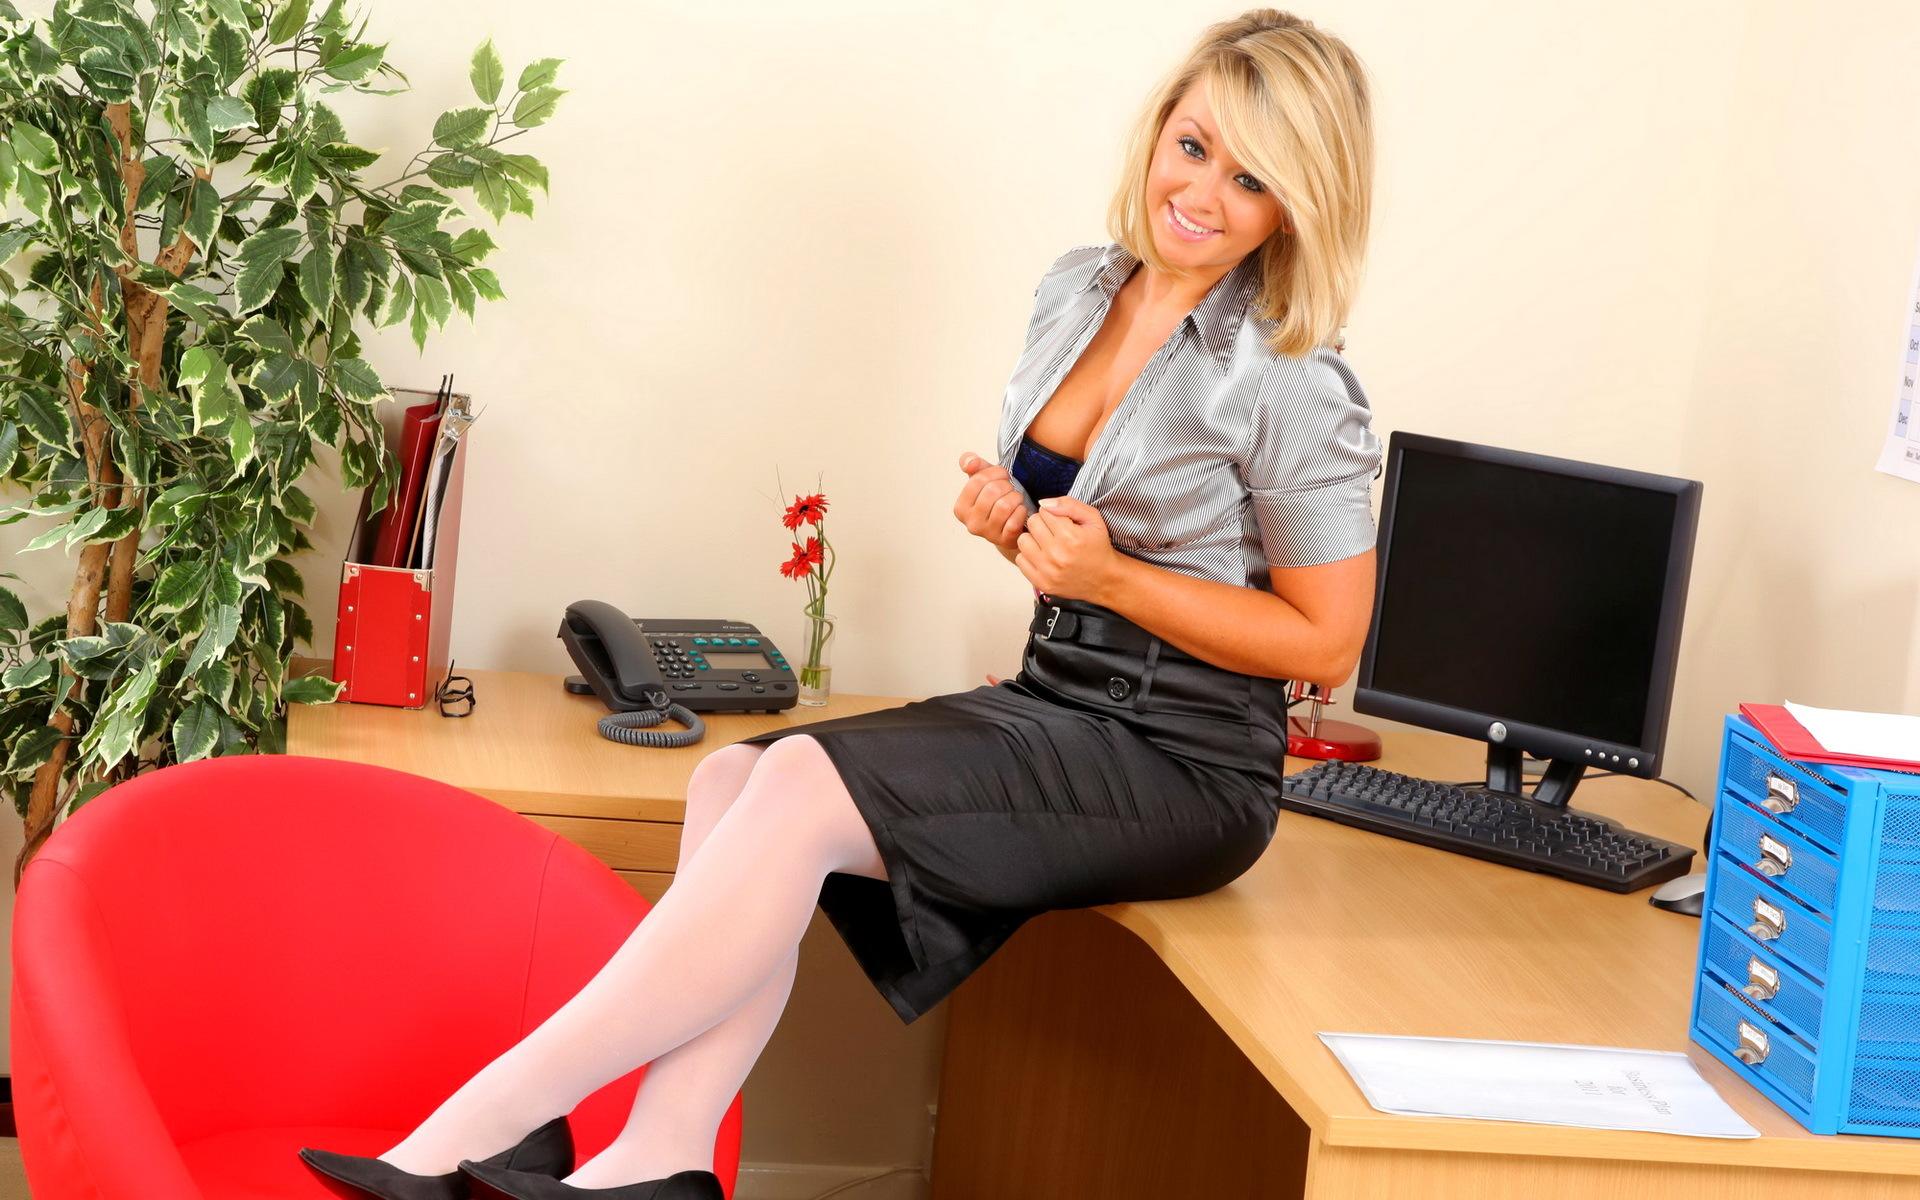 Секретаршу в офисе 11 фотография